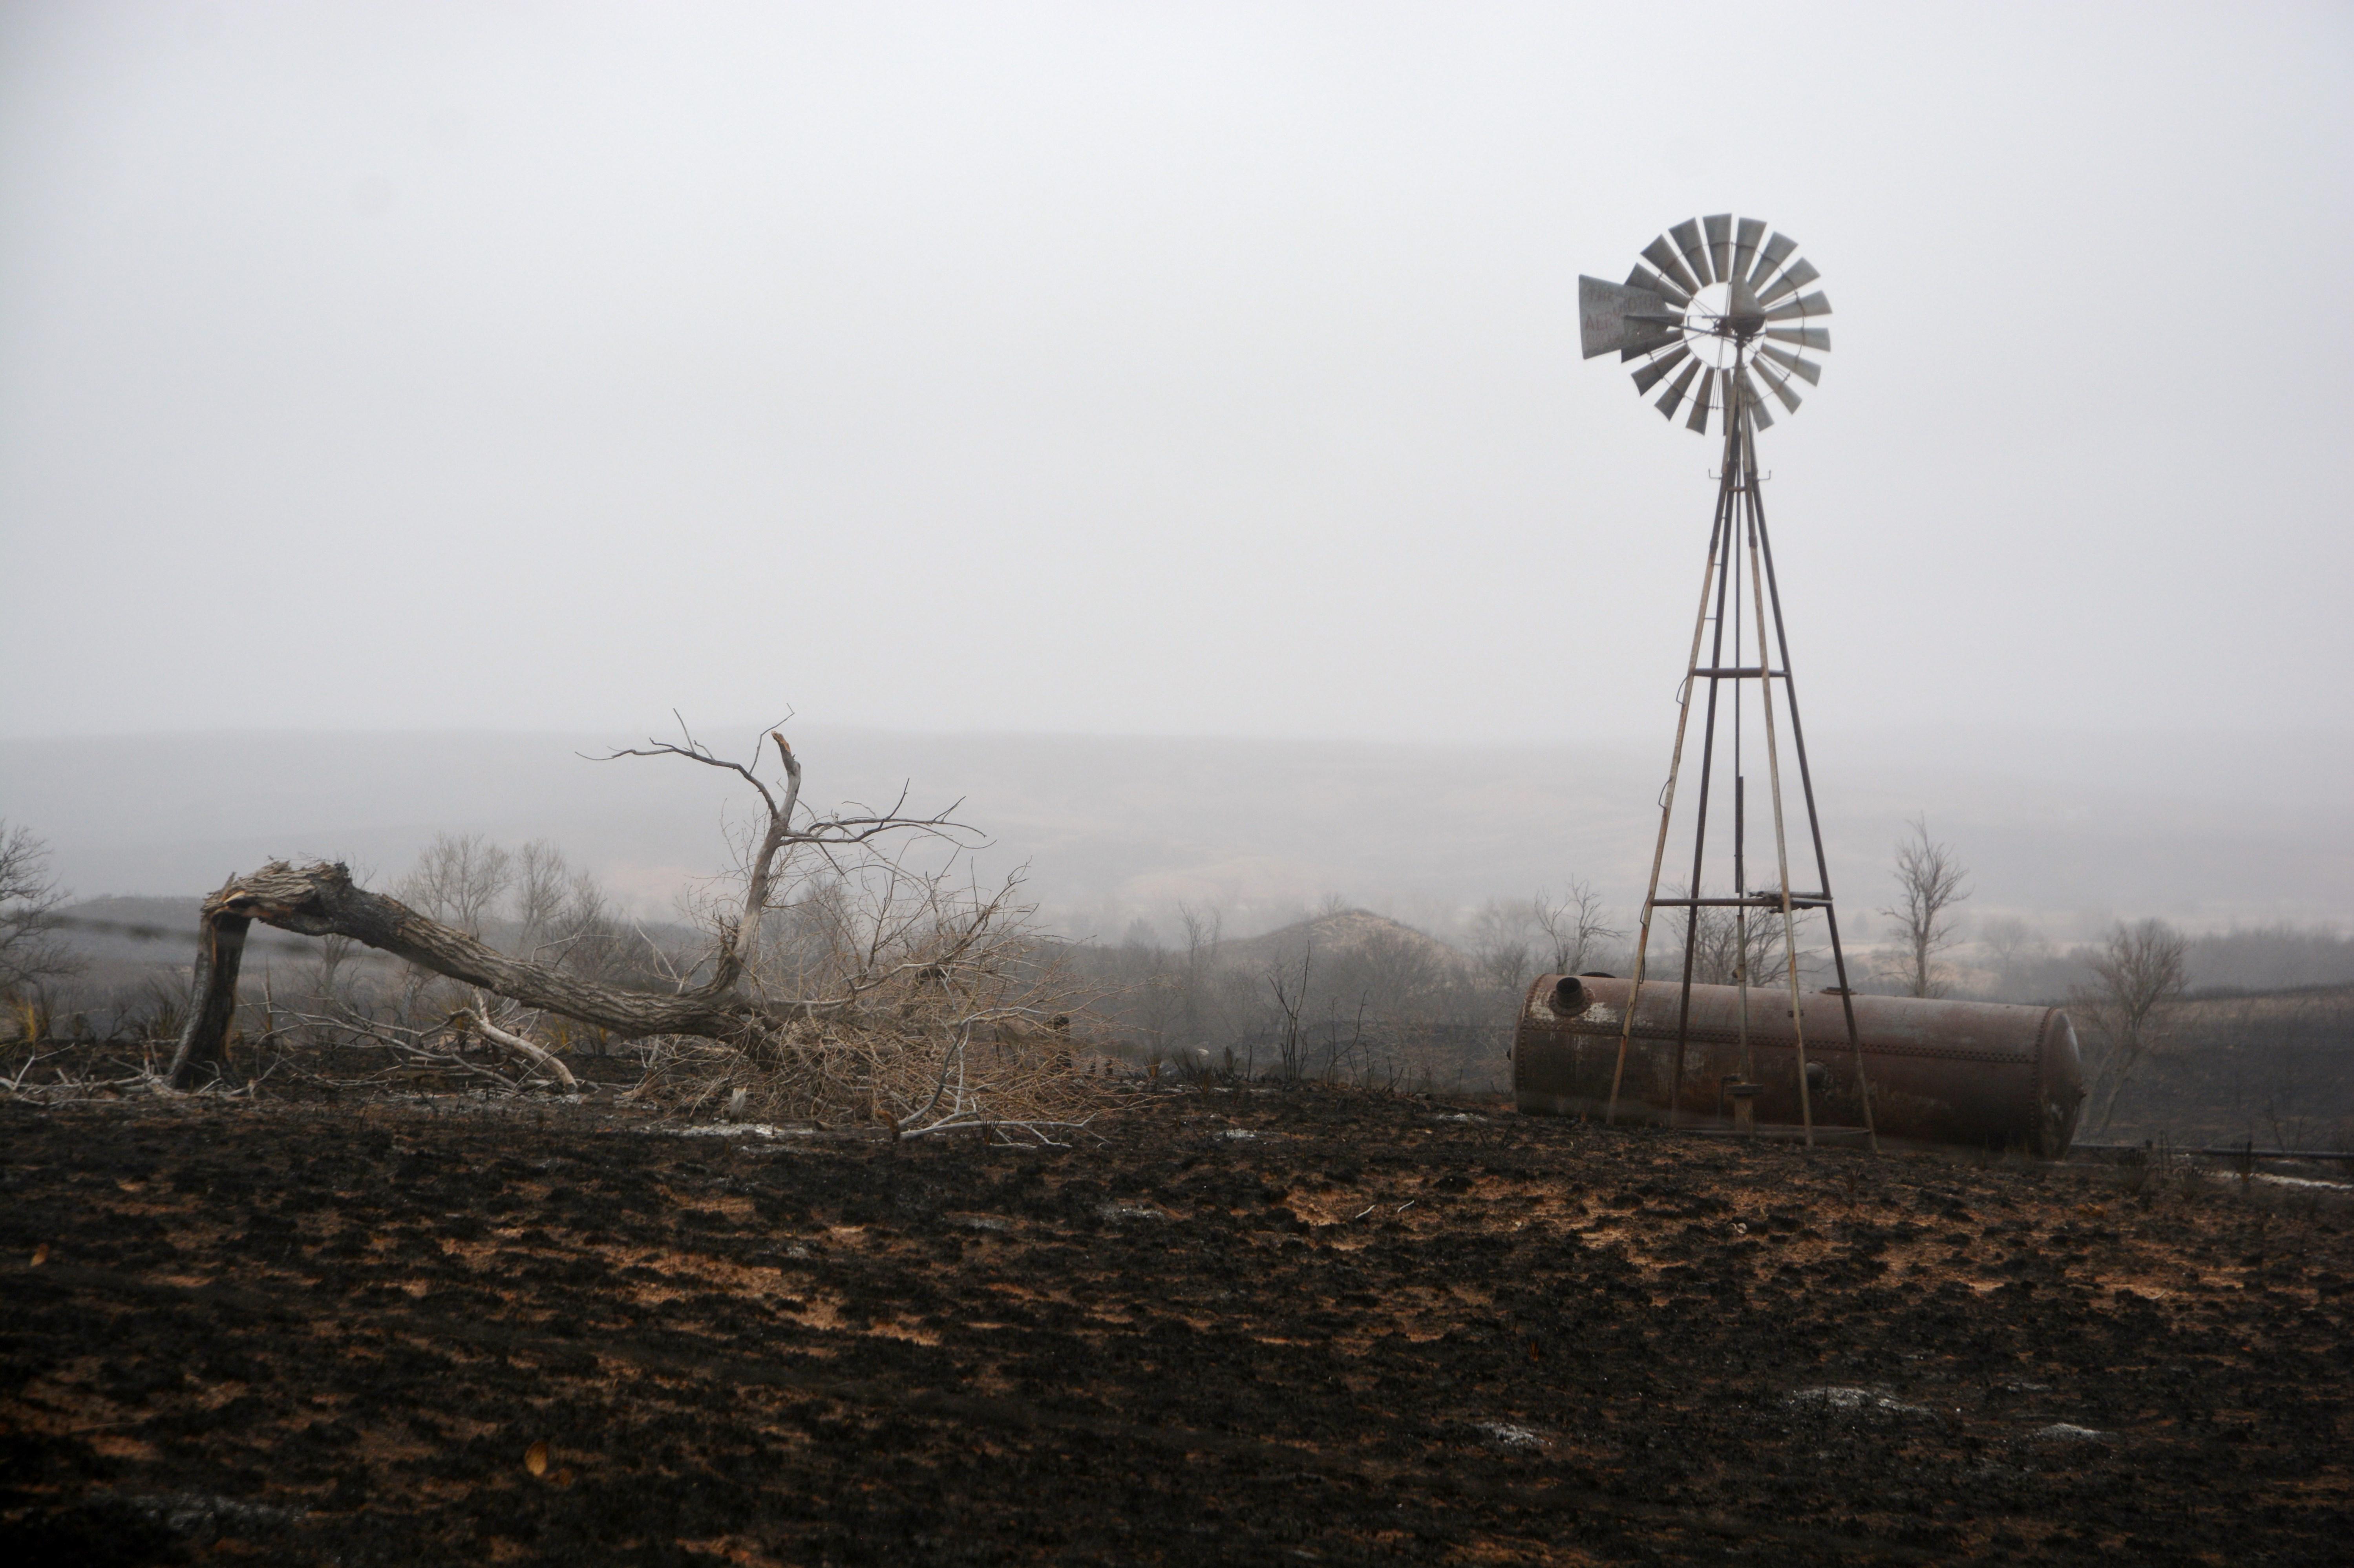 Texas3254(TAMU)